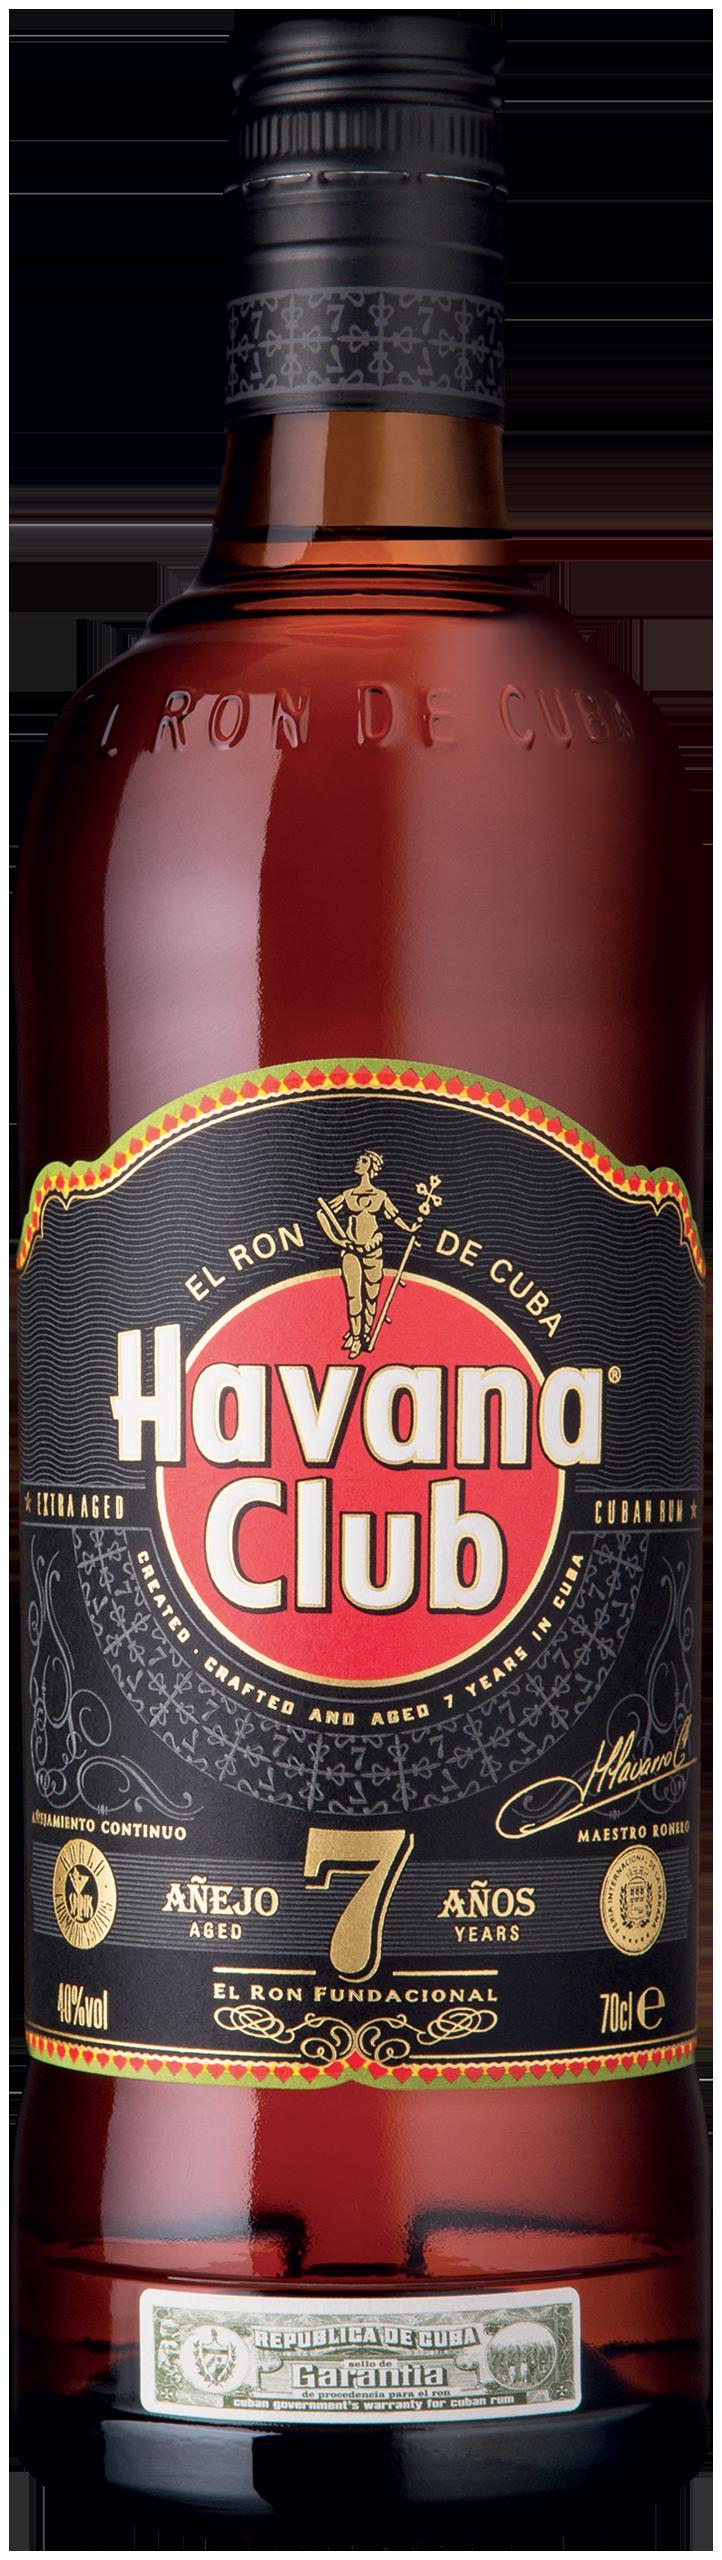 packshot havana club